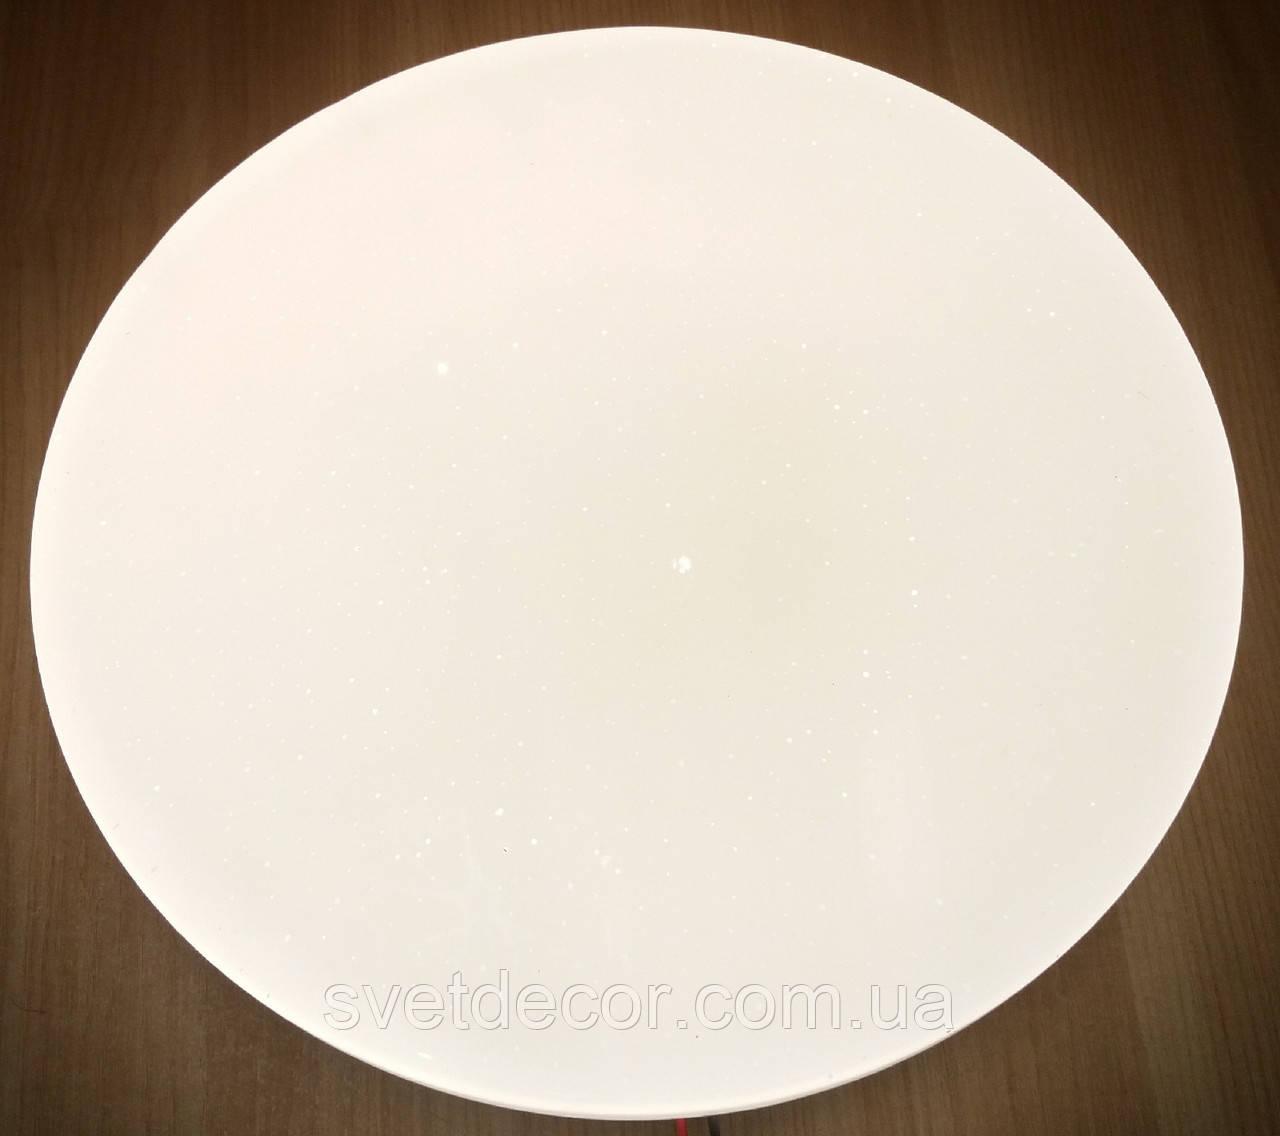 Светодиодный LED Светильник Videx 48W Настенно Потолочный Круглый 4100К Звездное небо